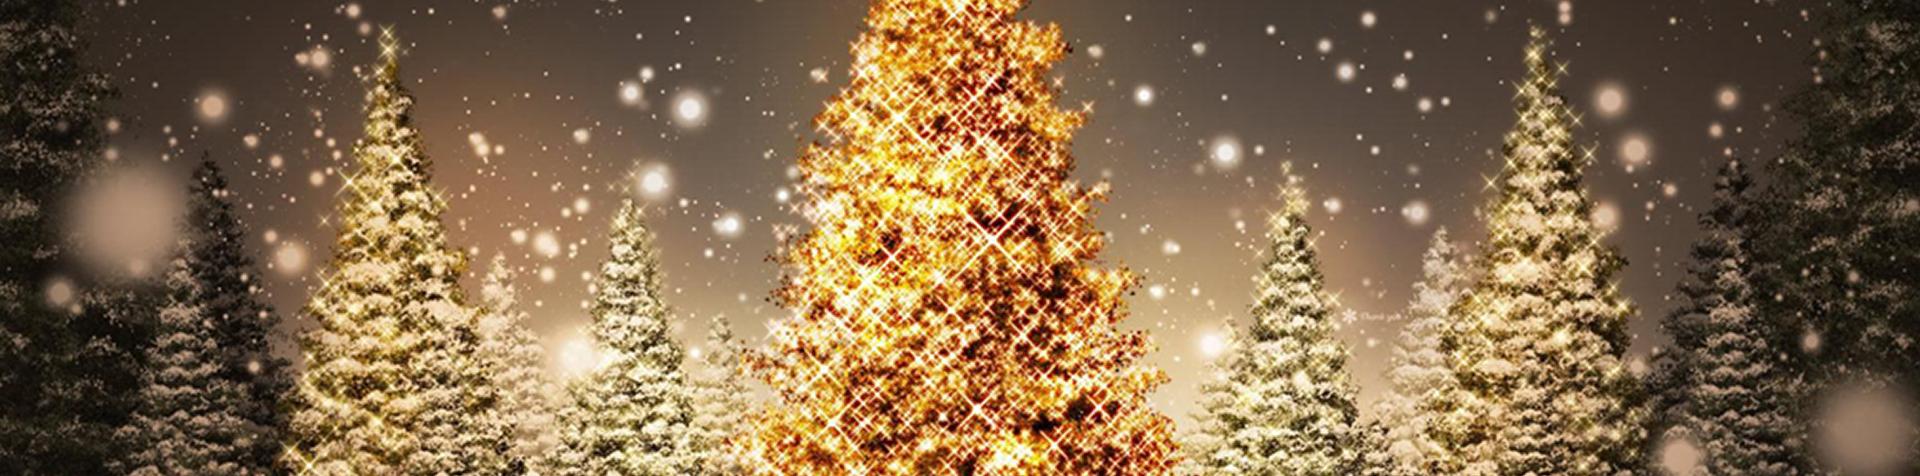 Joyeux noel et bonnes fêtes à tous